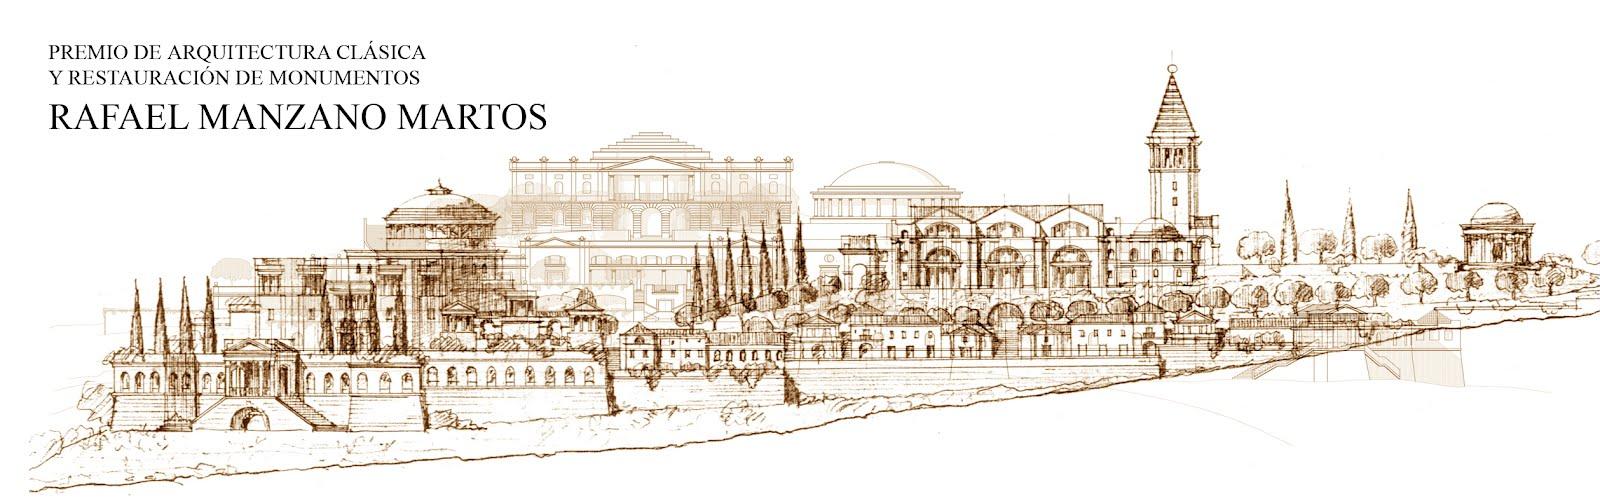 Premio rafael manzano martos 2015 for Articulos de arquitectura 2015